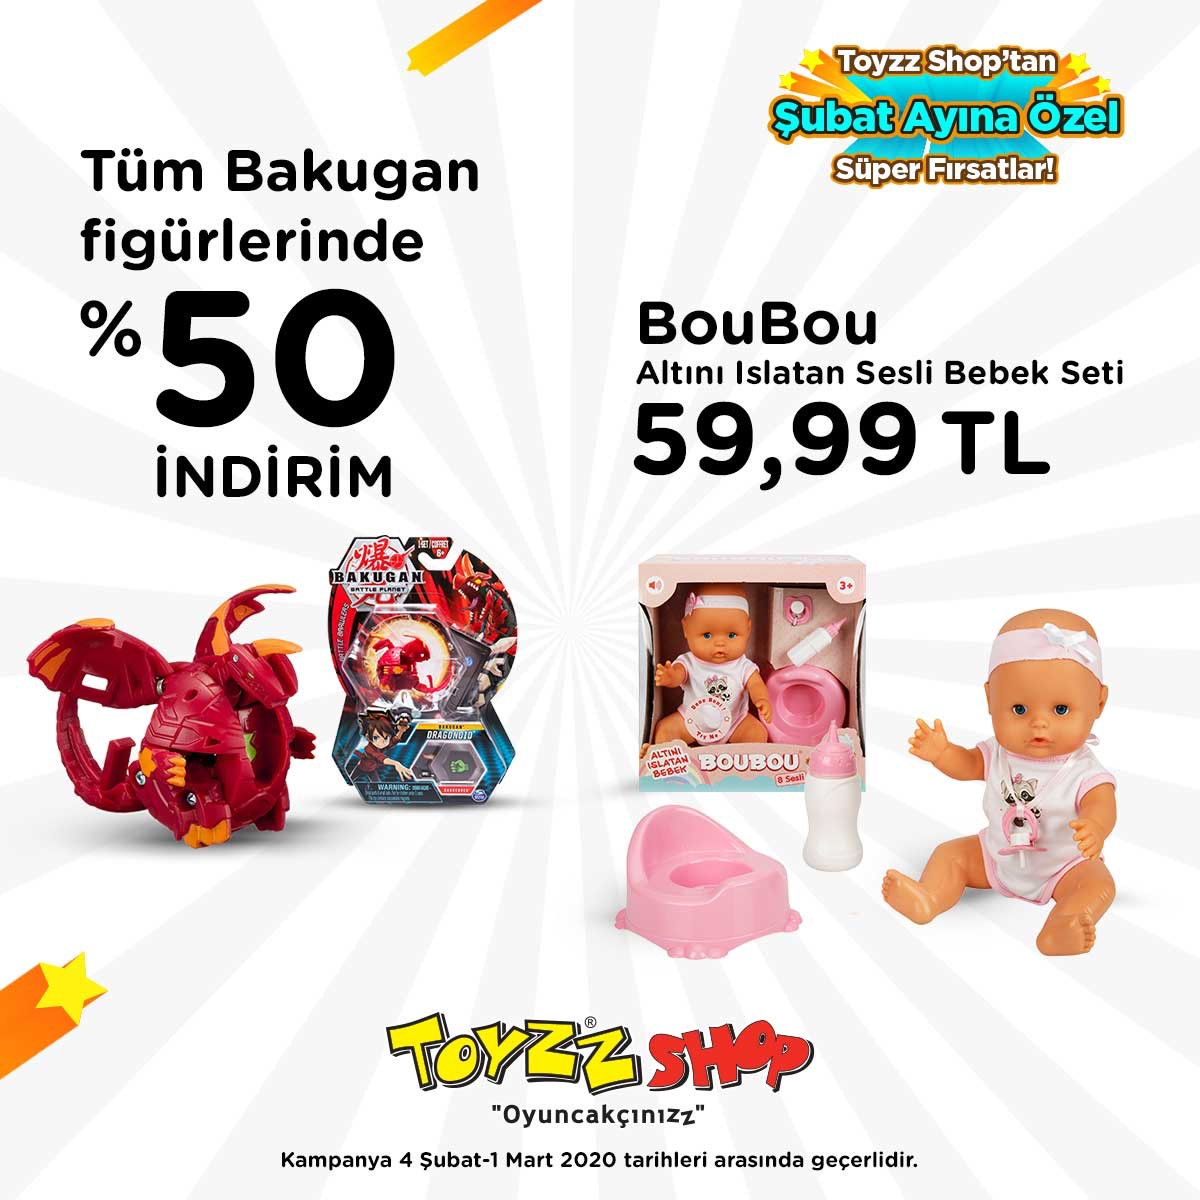 Toyzz Shop fırsatını kaçırmayın!